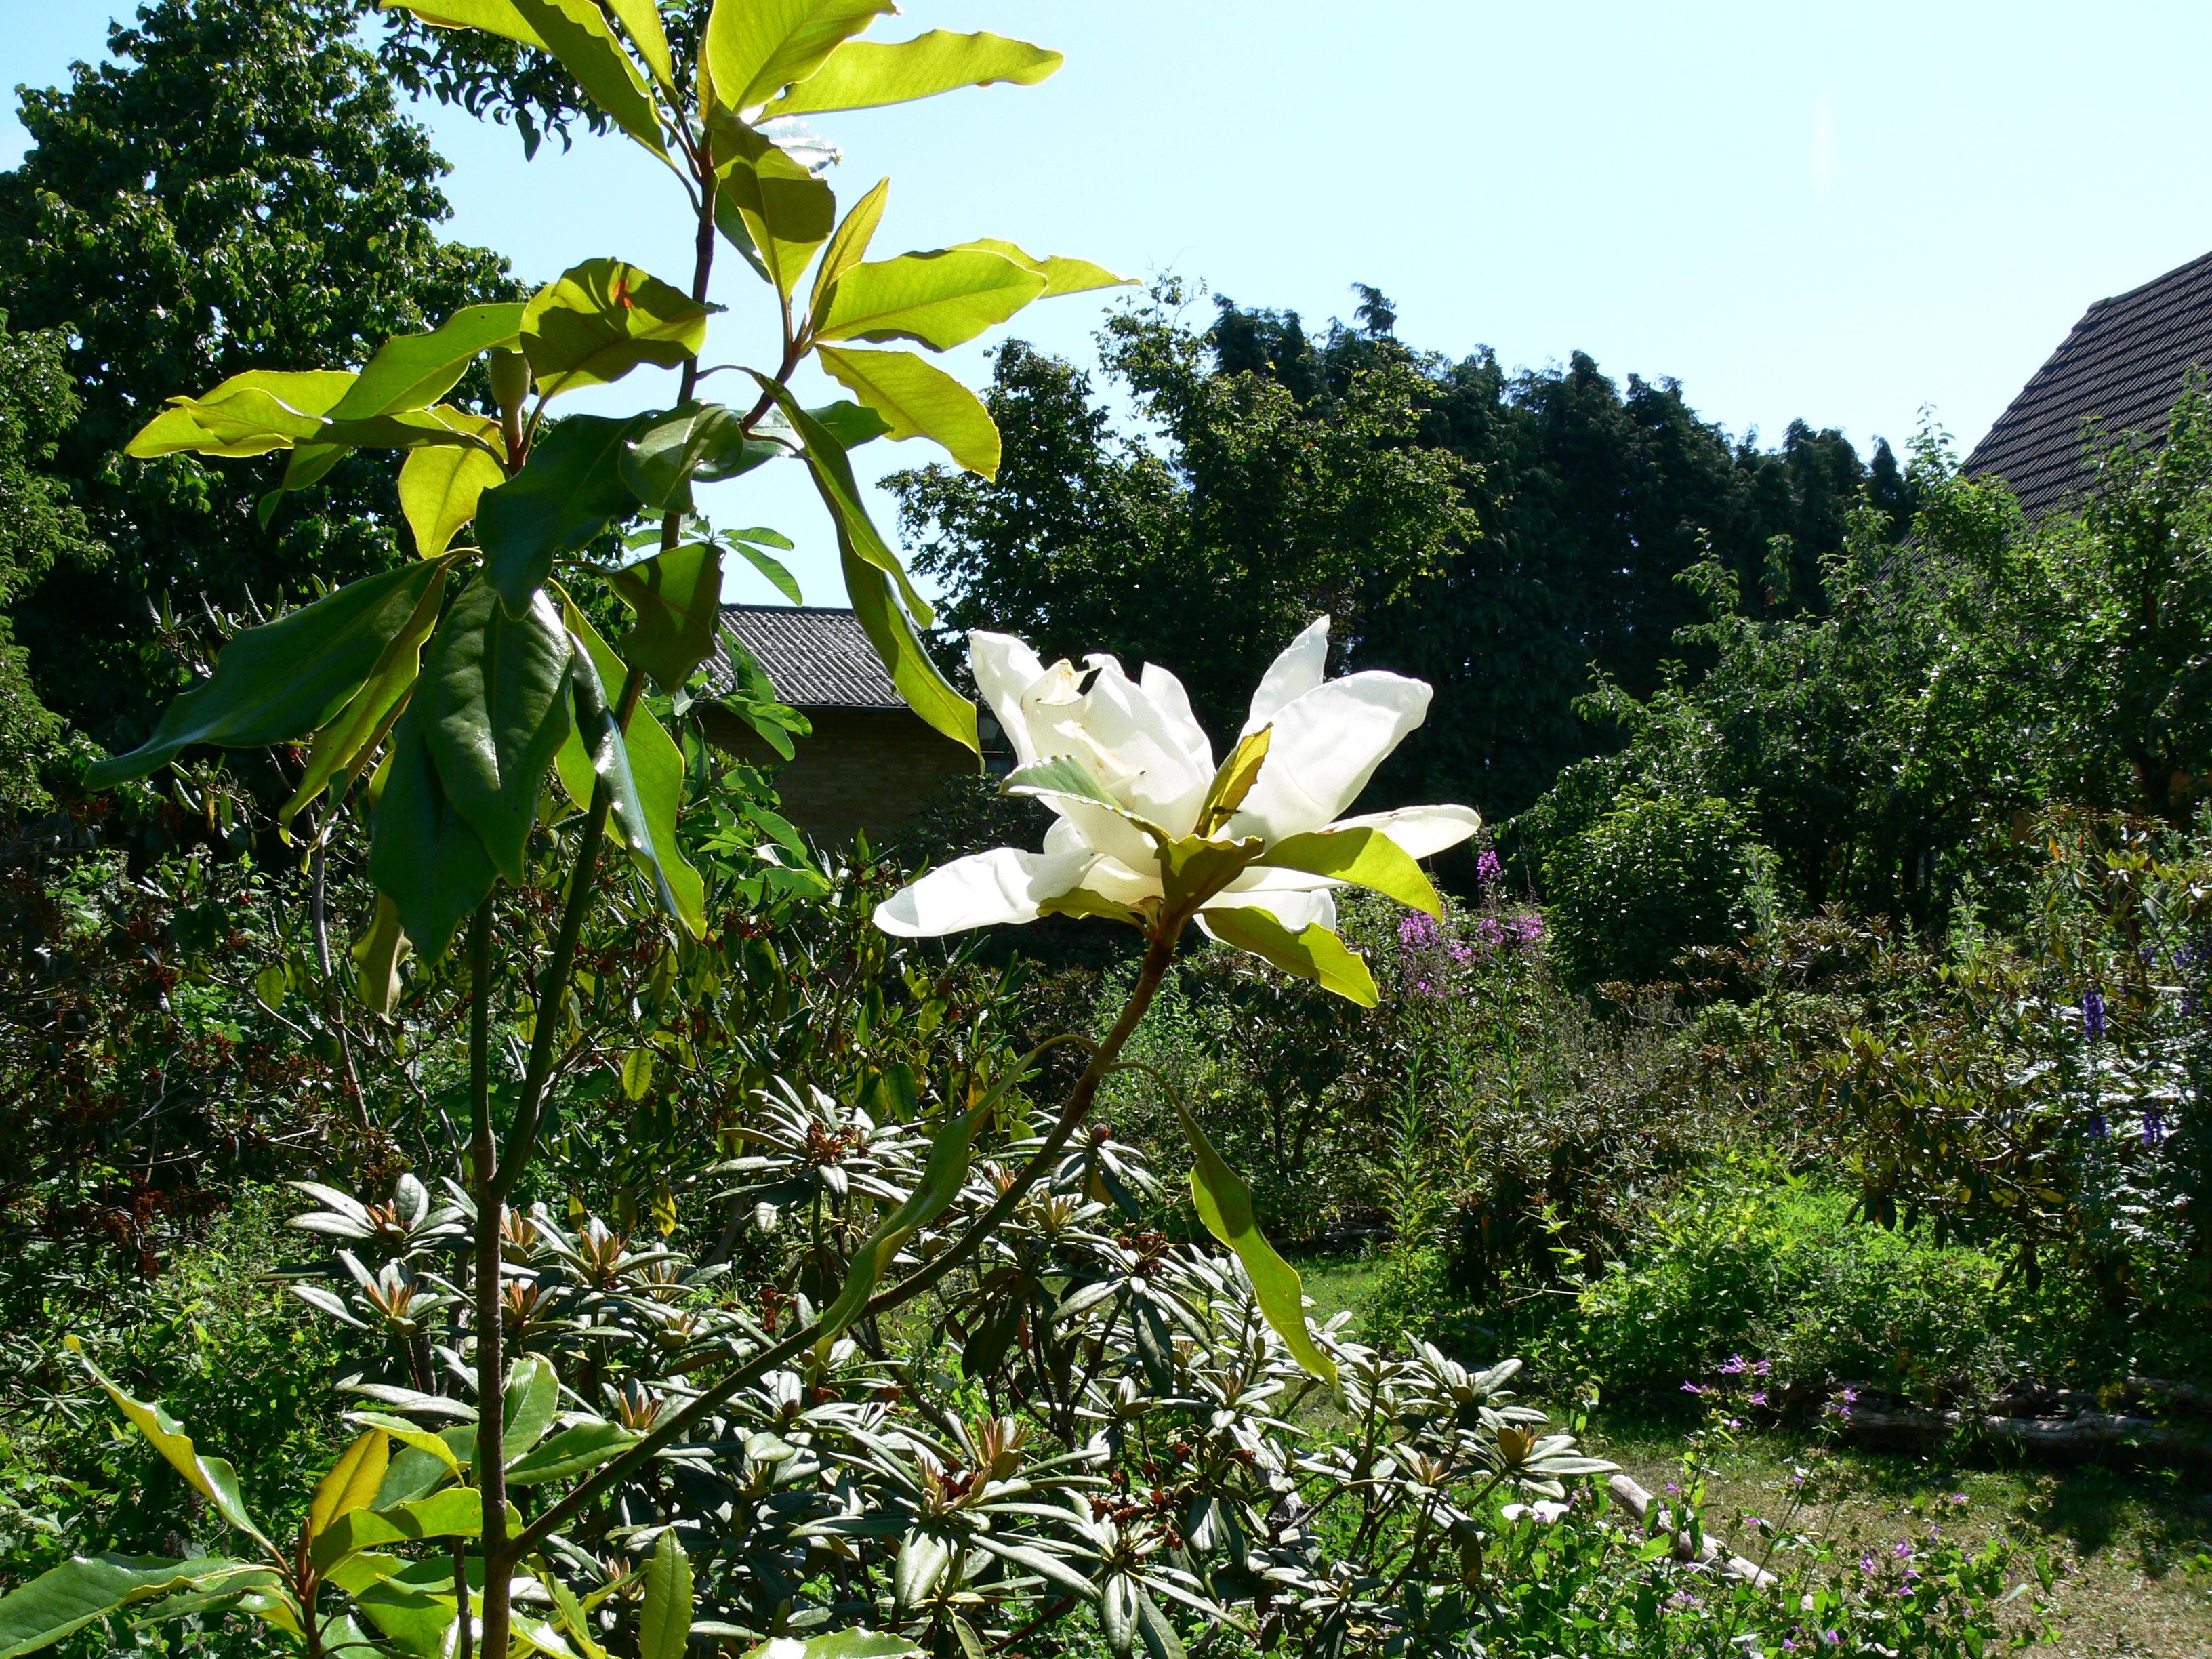 Magnolia grandiflora 39 monland 39 syn 39 timeless beauty 39 - Magnolia grandiflora ...